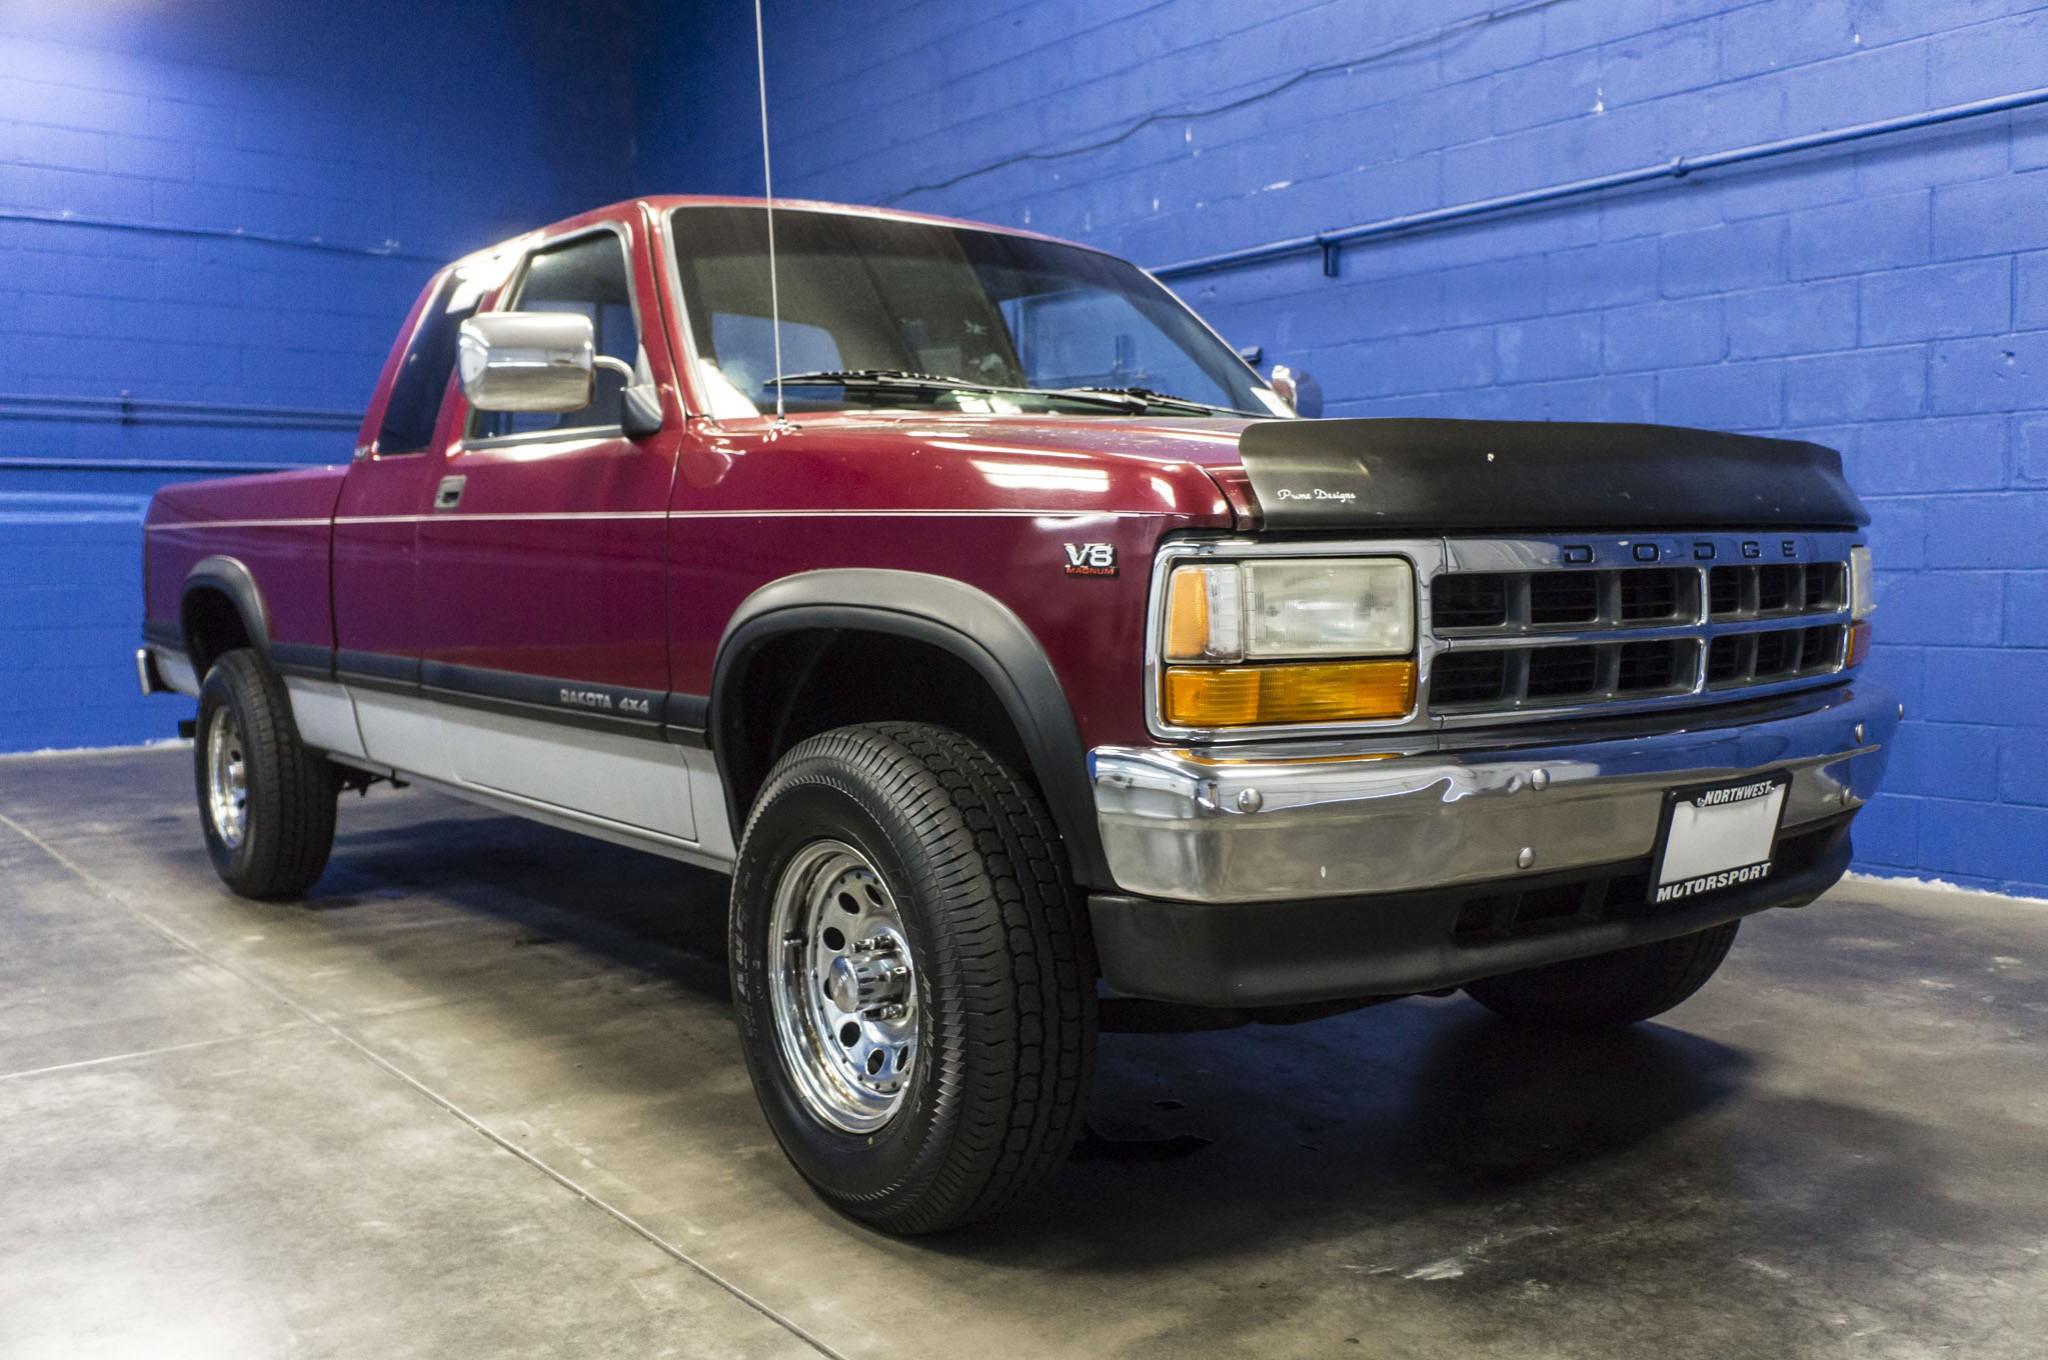 used 1996 dodge dakota 4x4 truck for sale 32616m. Black Bedroom Furniture Sets. Home Design Ideas